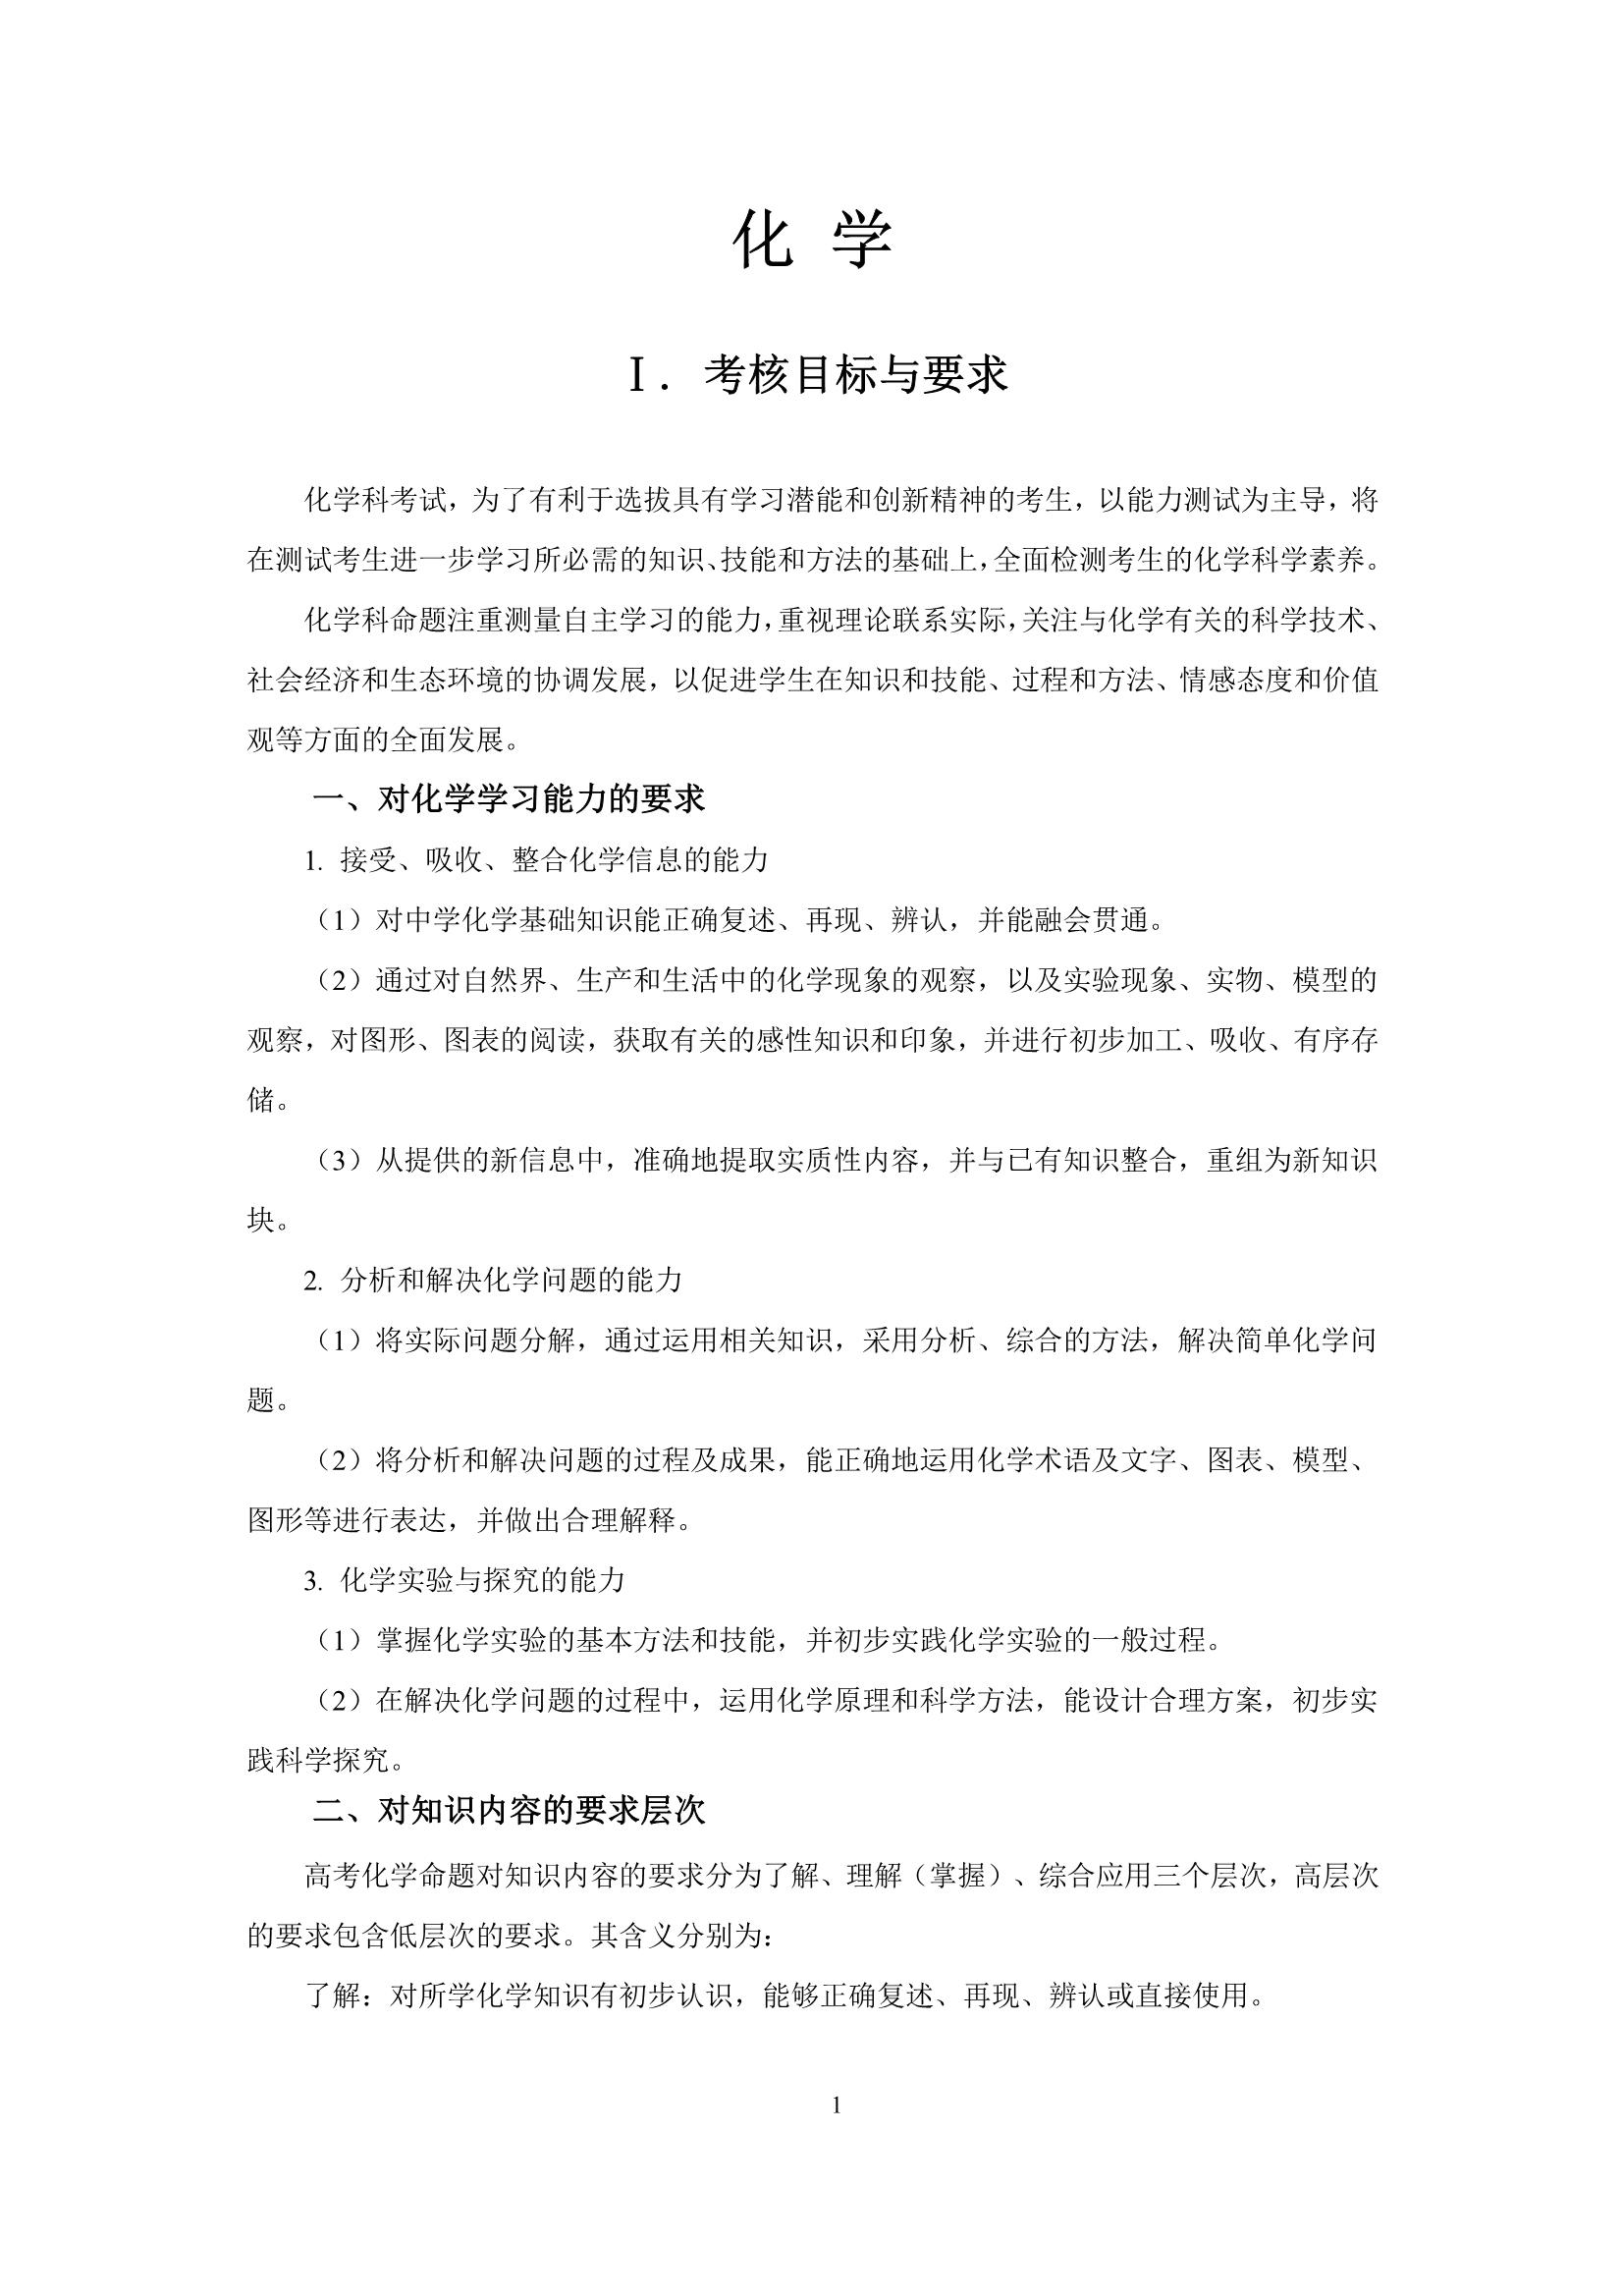 2018年江苏高考考试大纲,江苏高考化学考试,江苏高考